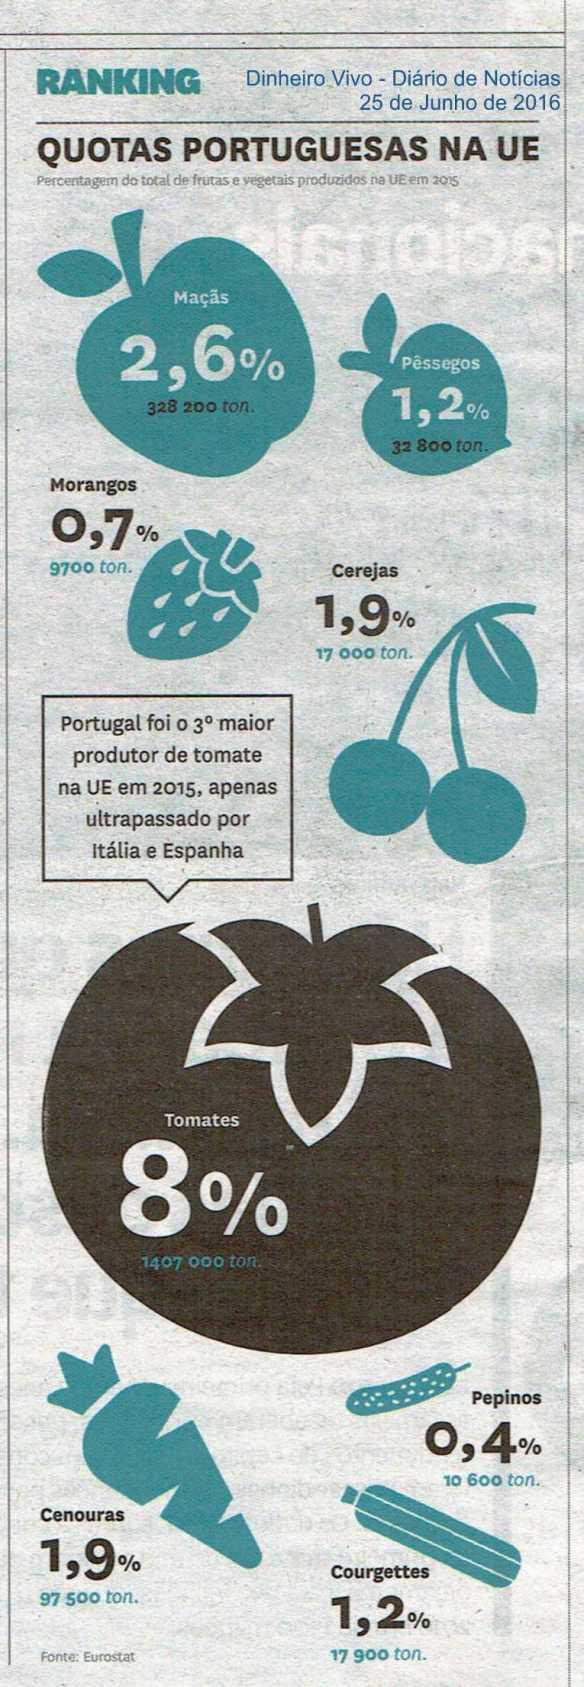 29 tomate DV DN 25 junho 16